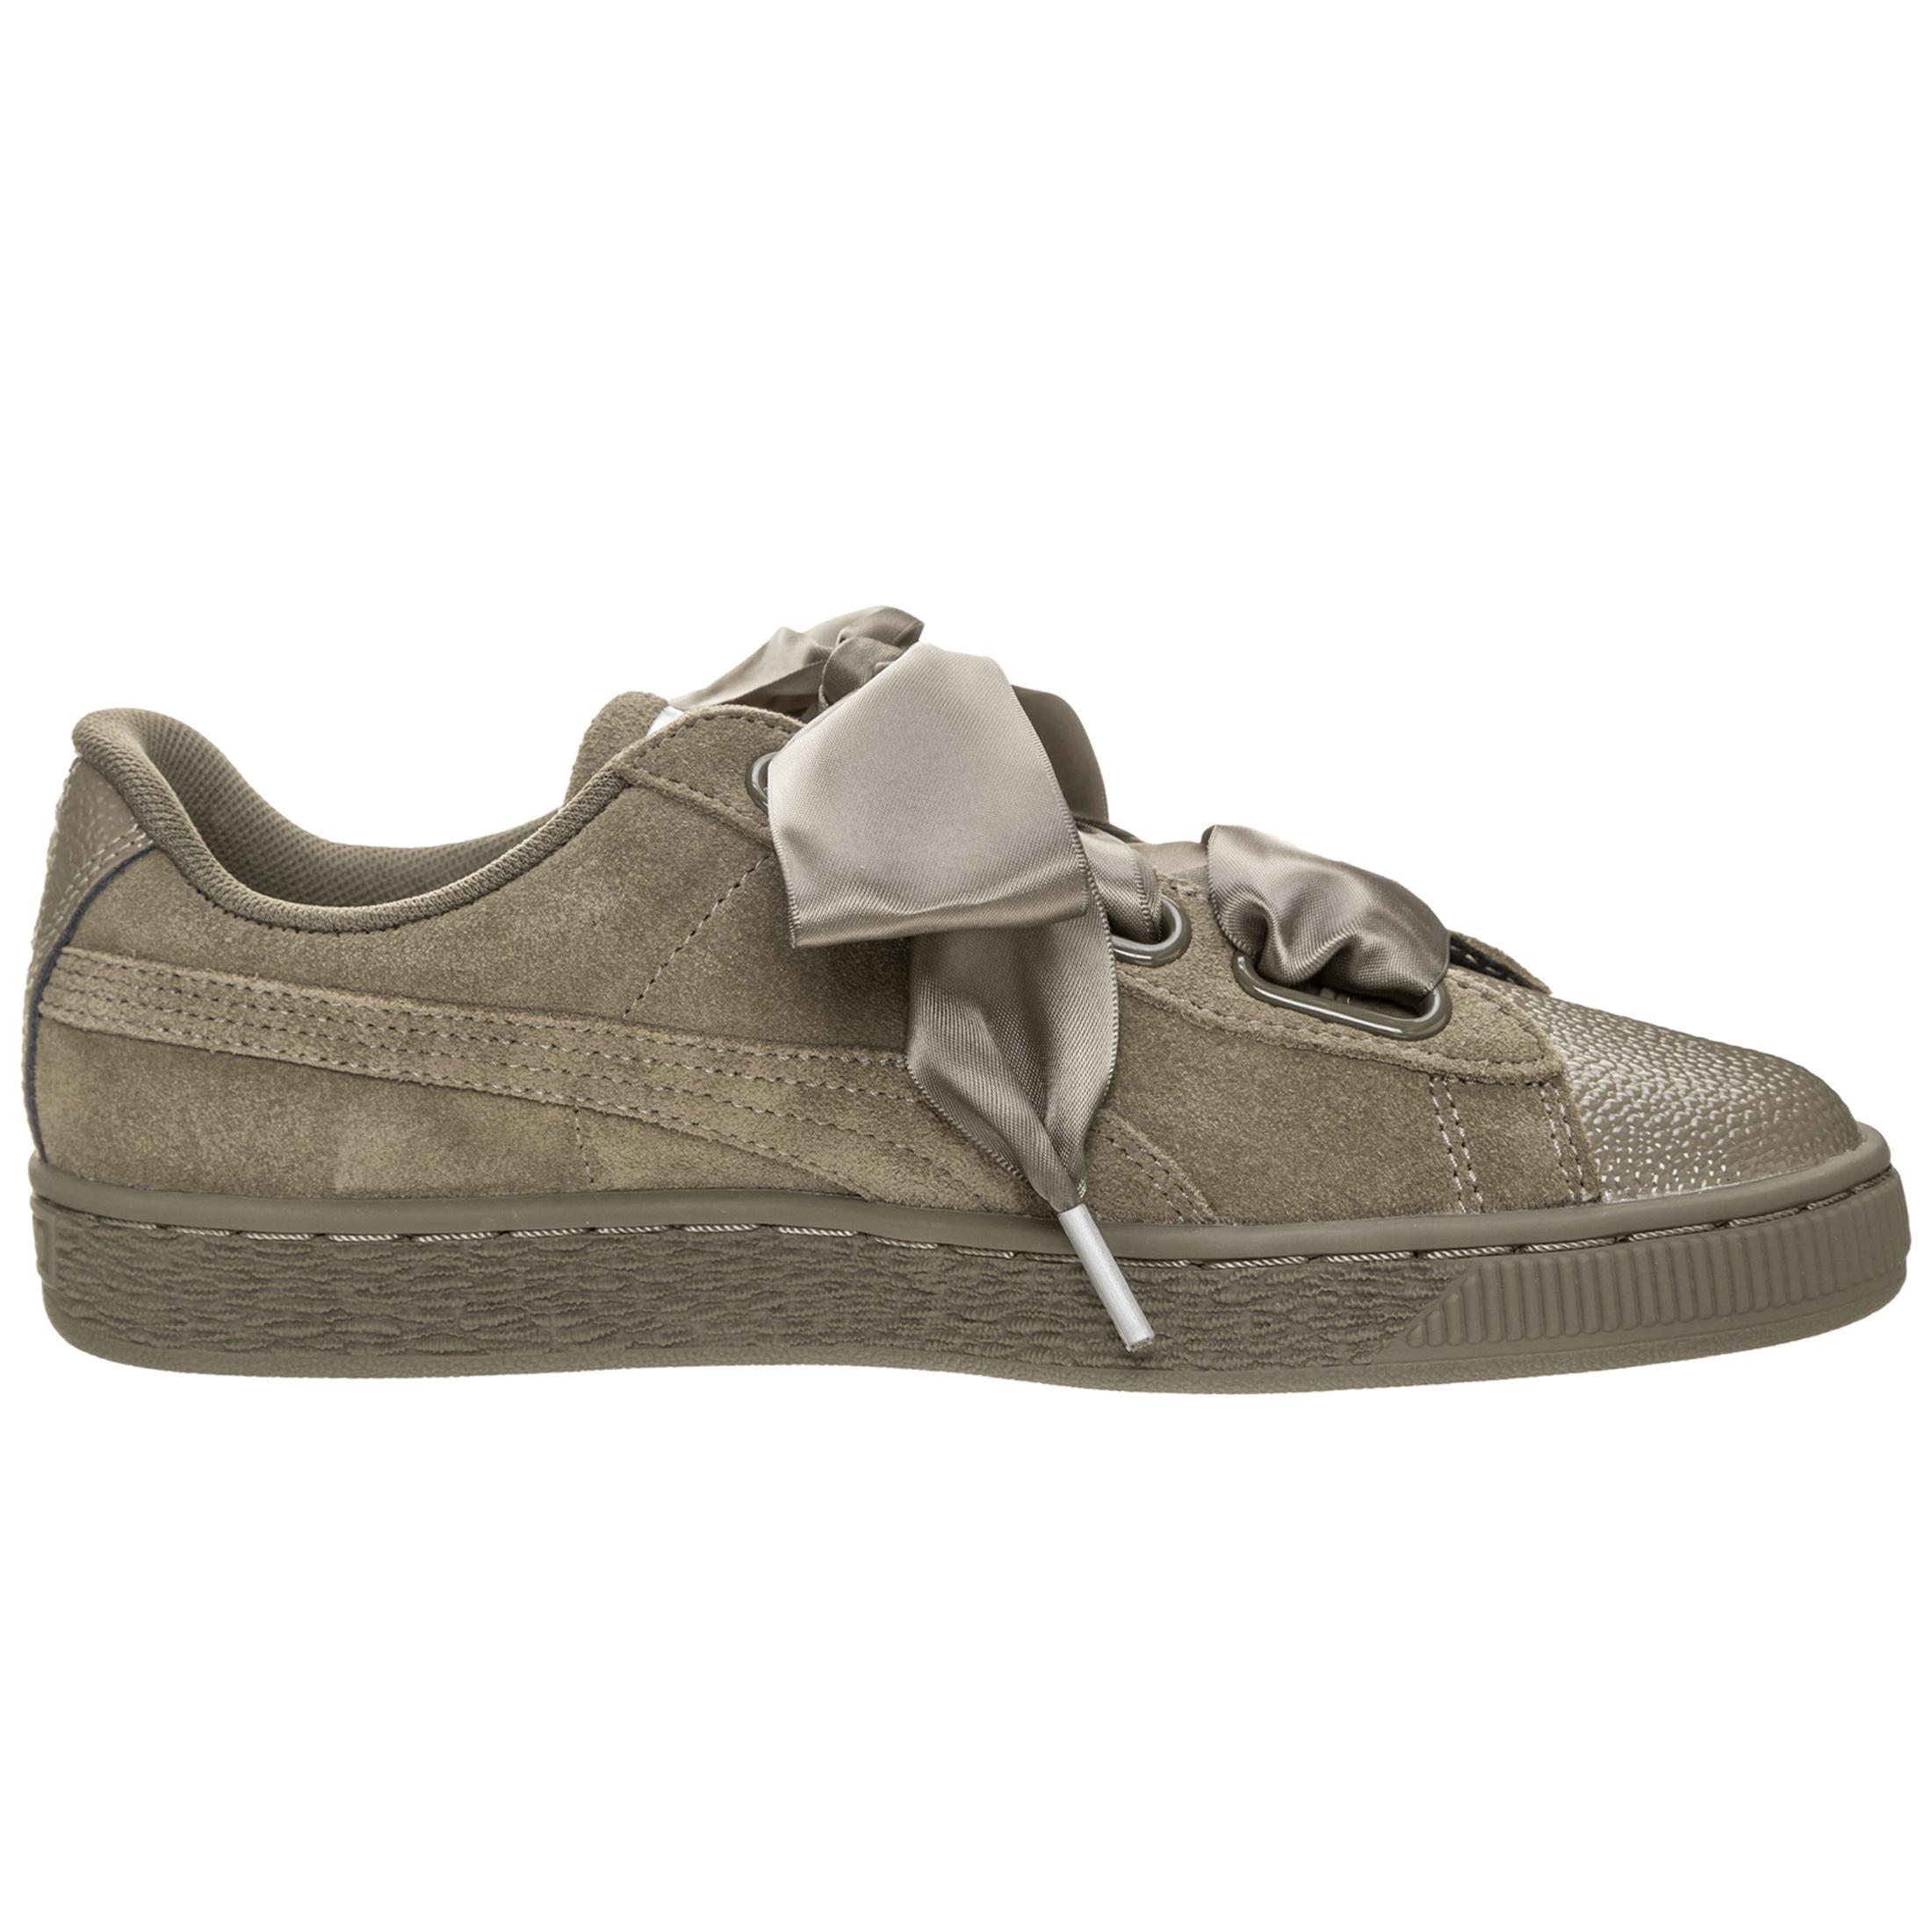 PUMA Suede Heart Heart Heart Bubble Sneaker Damen braun / silber im Online Shop von SportScheck kaufen Gute Qualität beliebte Schuhe 543fbf